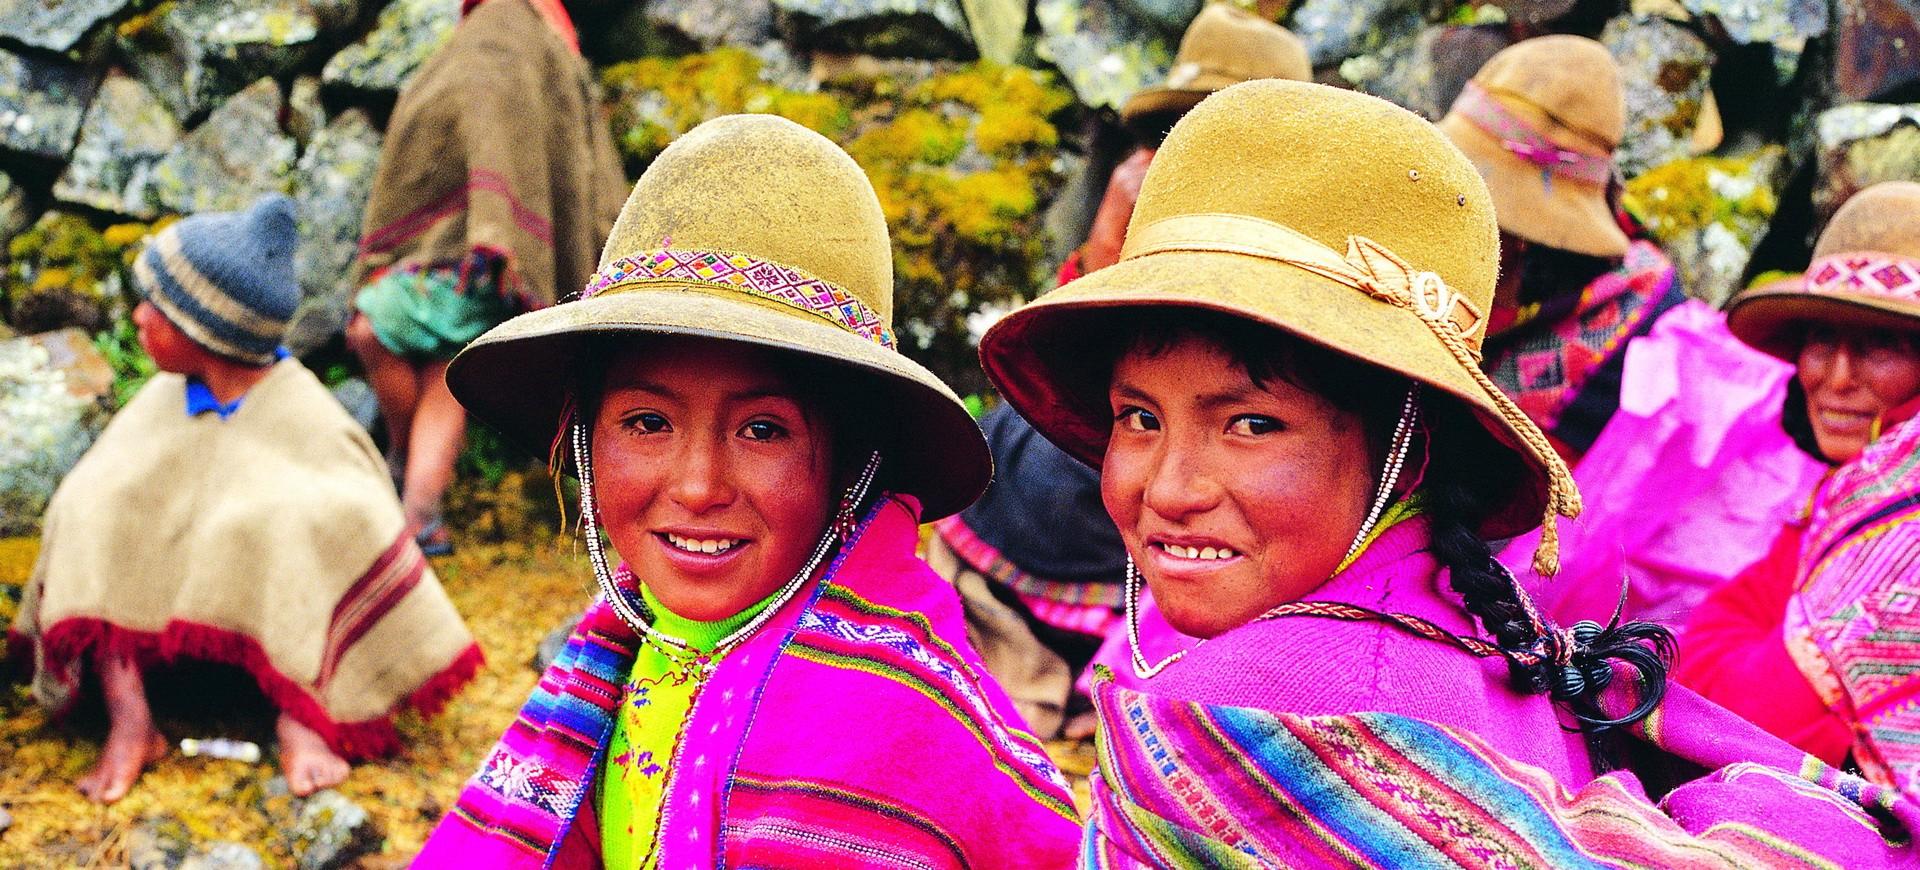 Les enfants en habilles traditionnels à Cuzco au Pérou